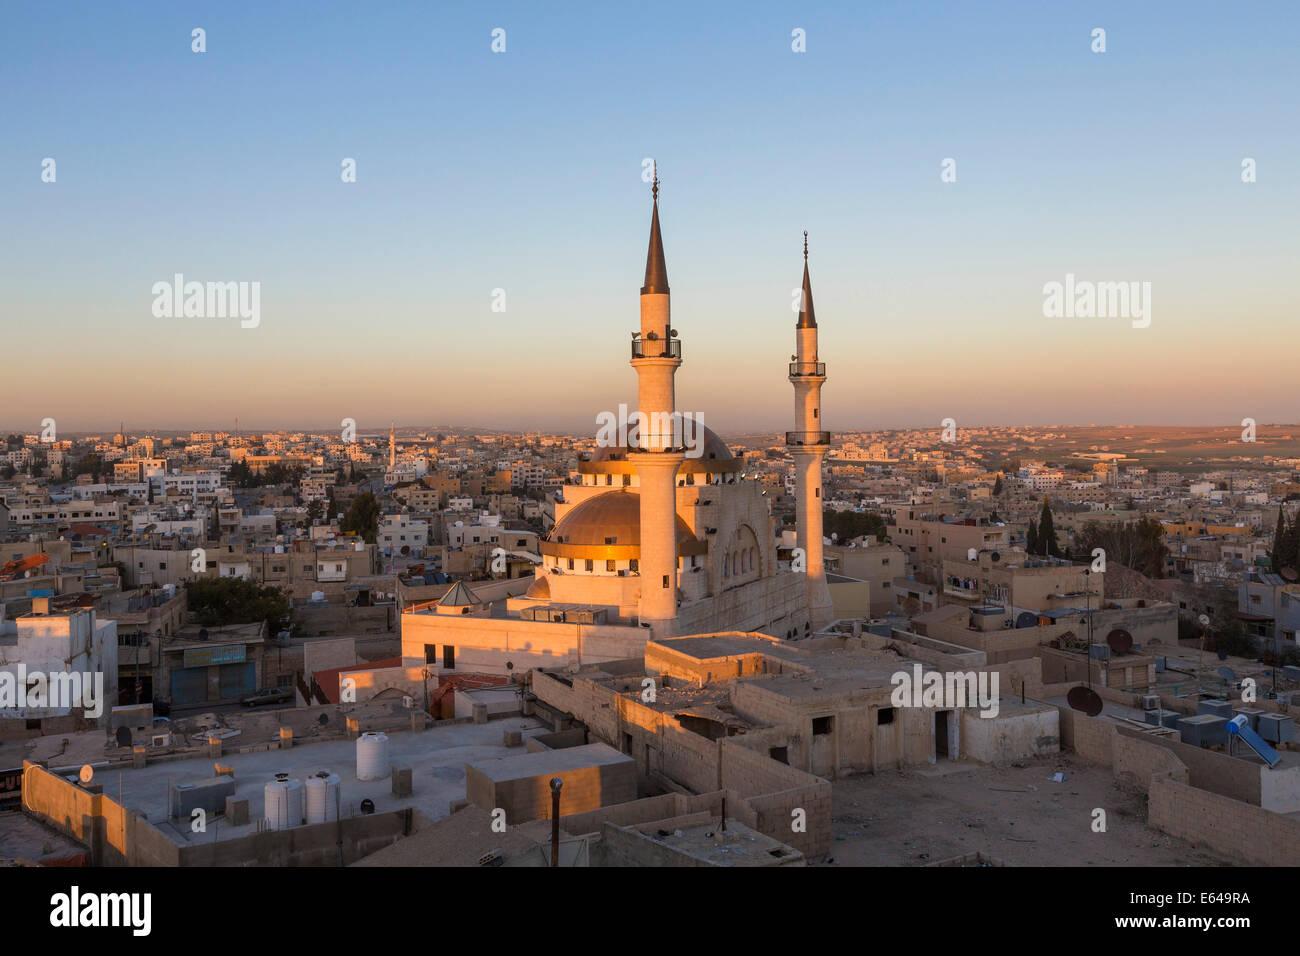 Madaba moschea, Madaba, Giordania Immagini Stock